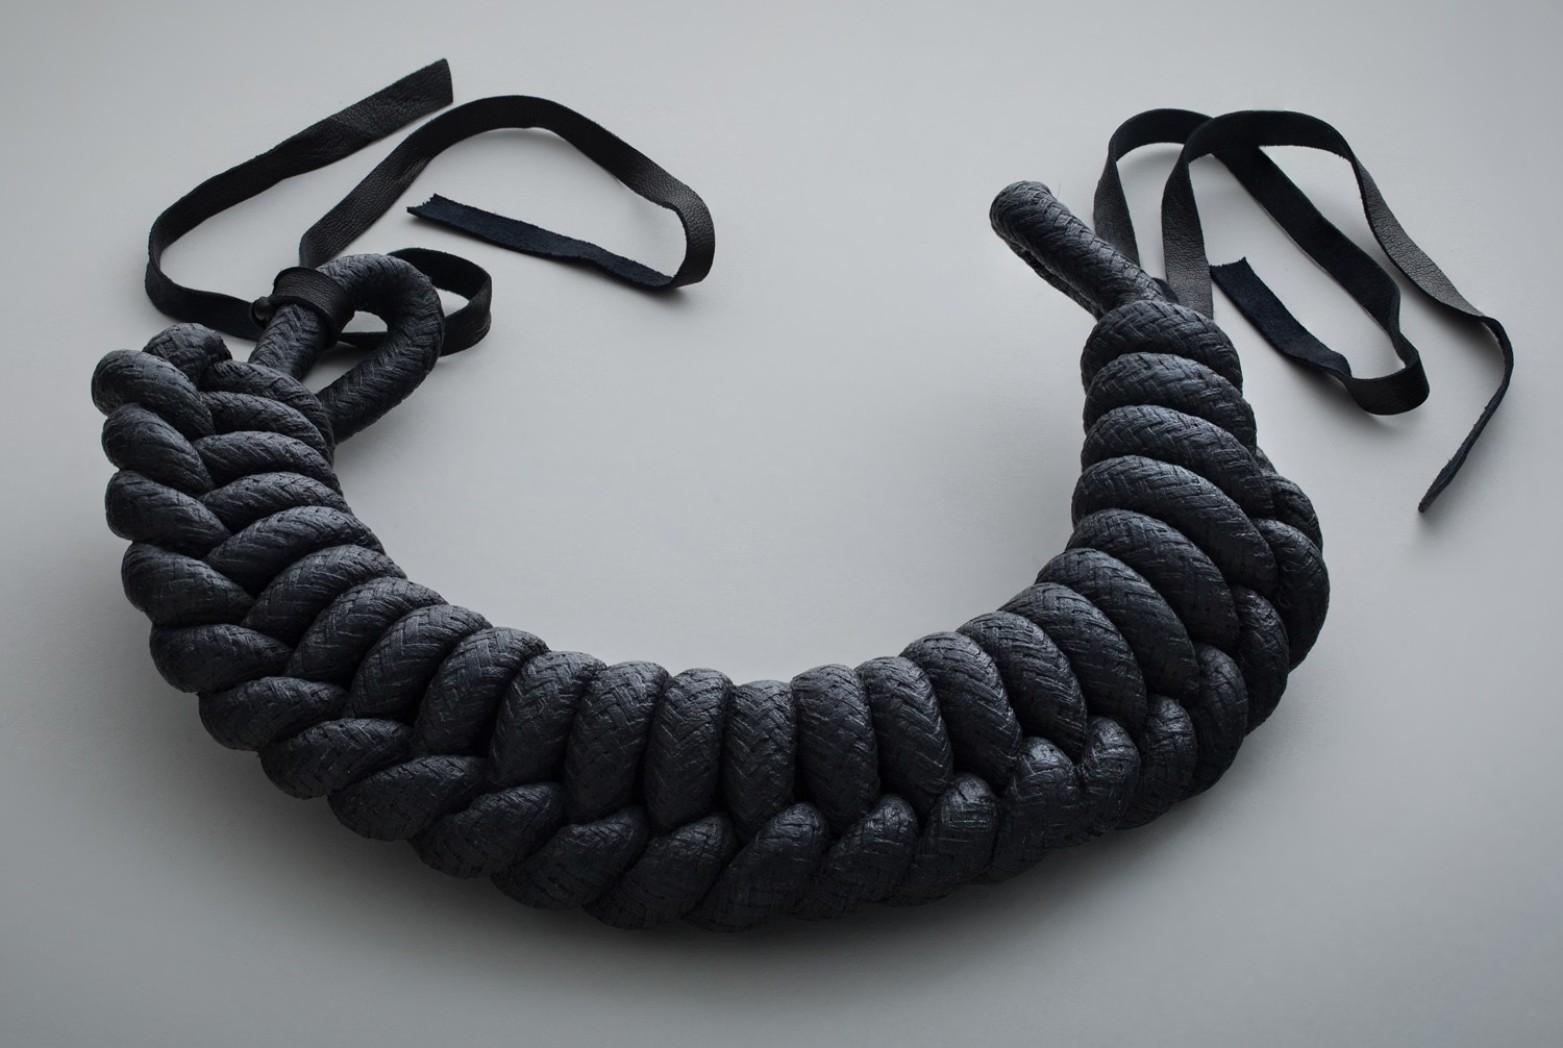 Christian Astuguevieille Rope Collar